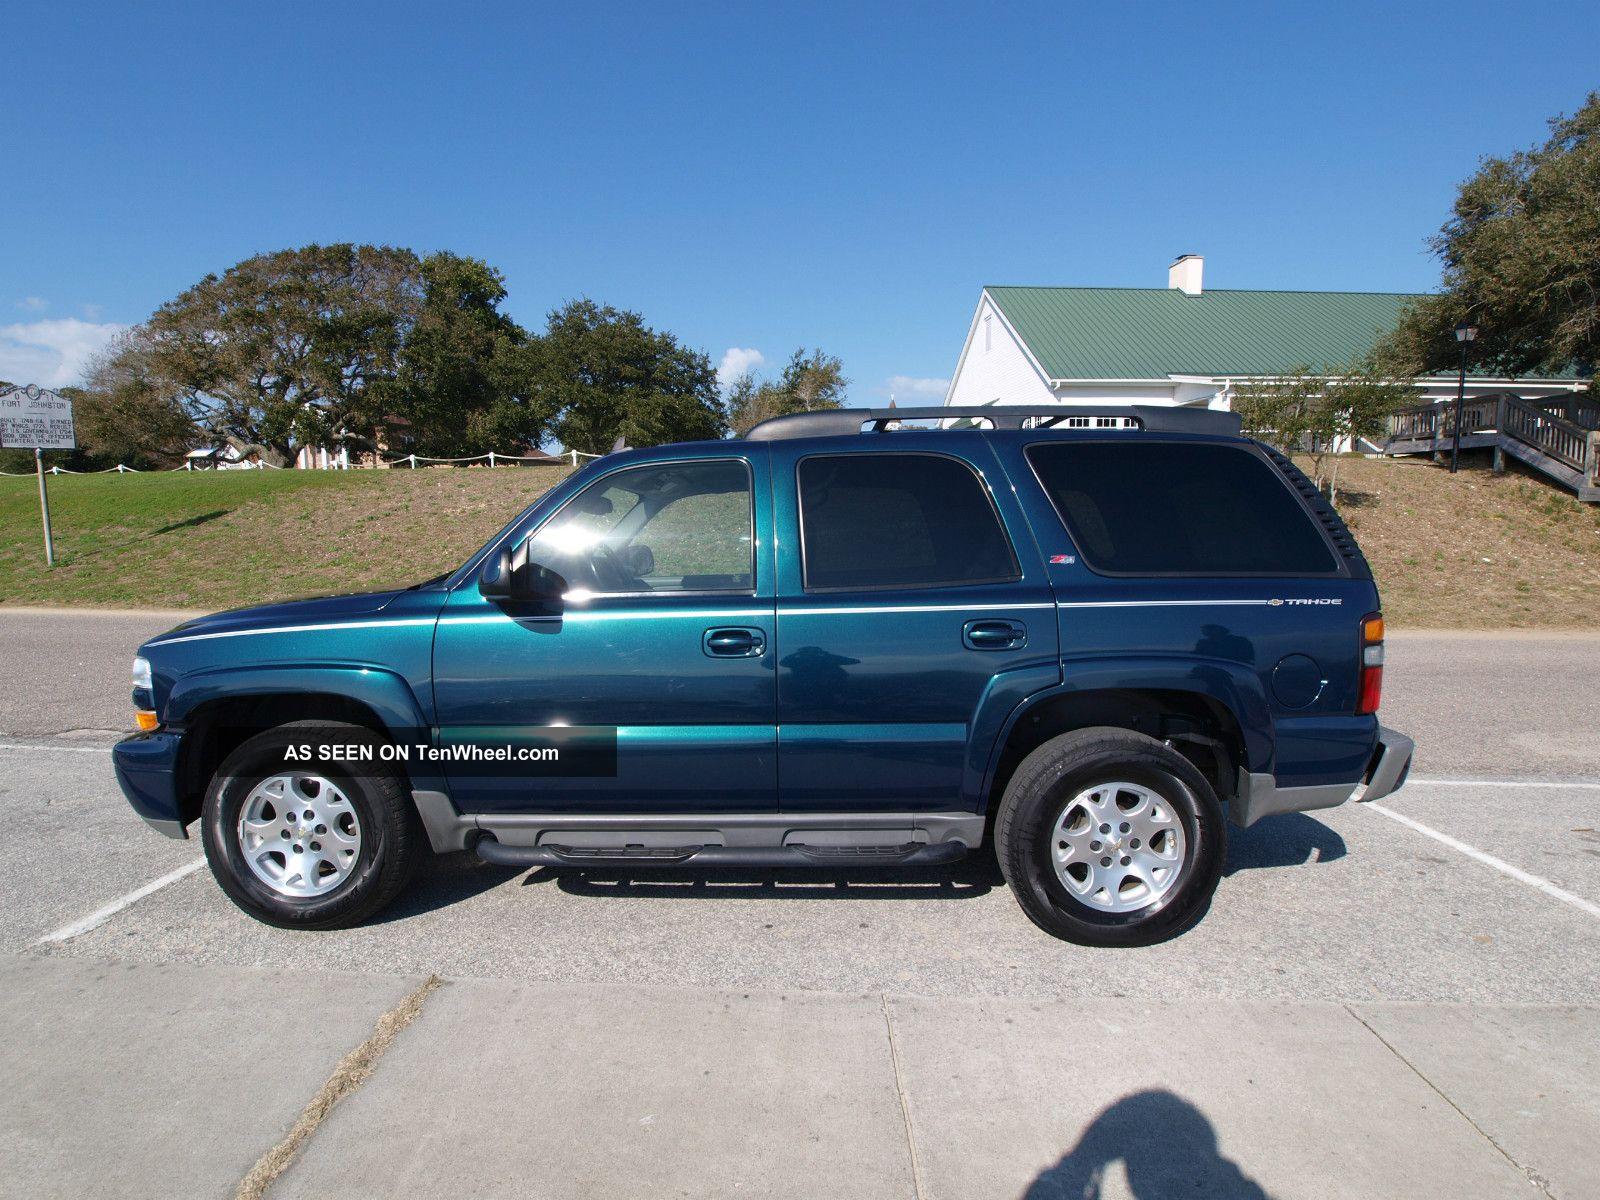 Royal Buick Gmc >> Chevy Tahoe Sport 2 Door Specs | Autos Post